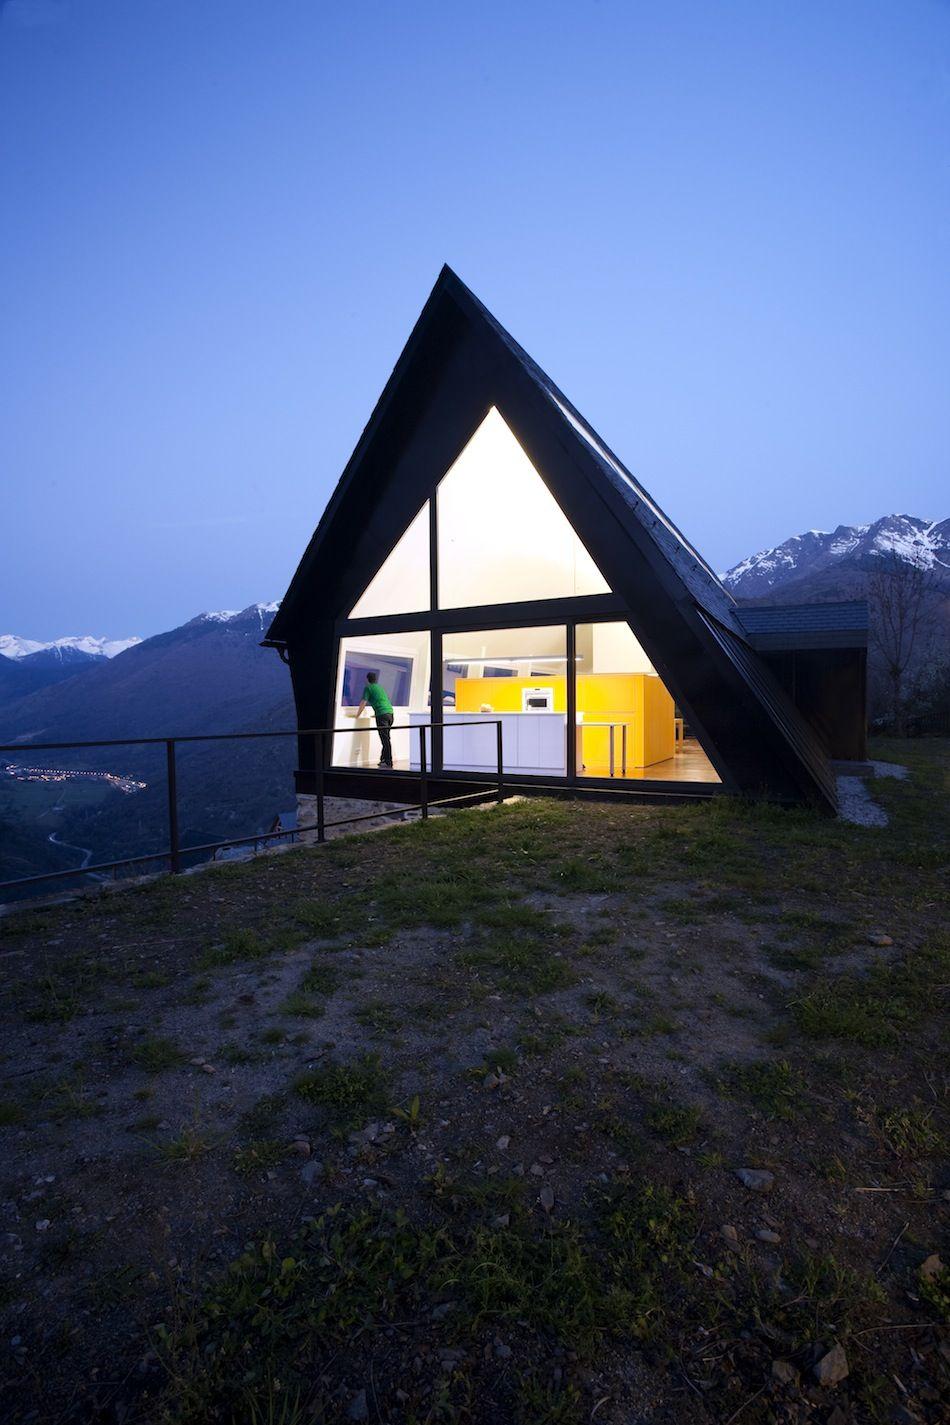 ilginç-dağ-evi-konseptleri